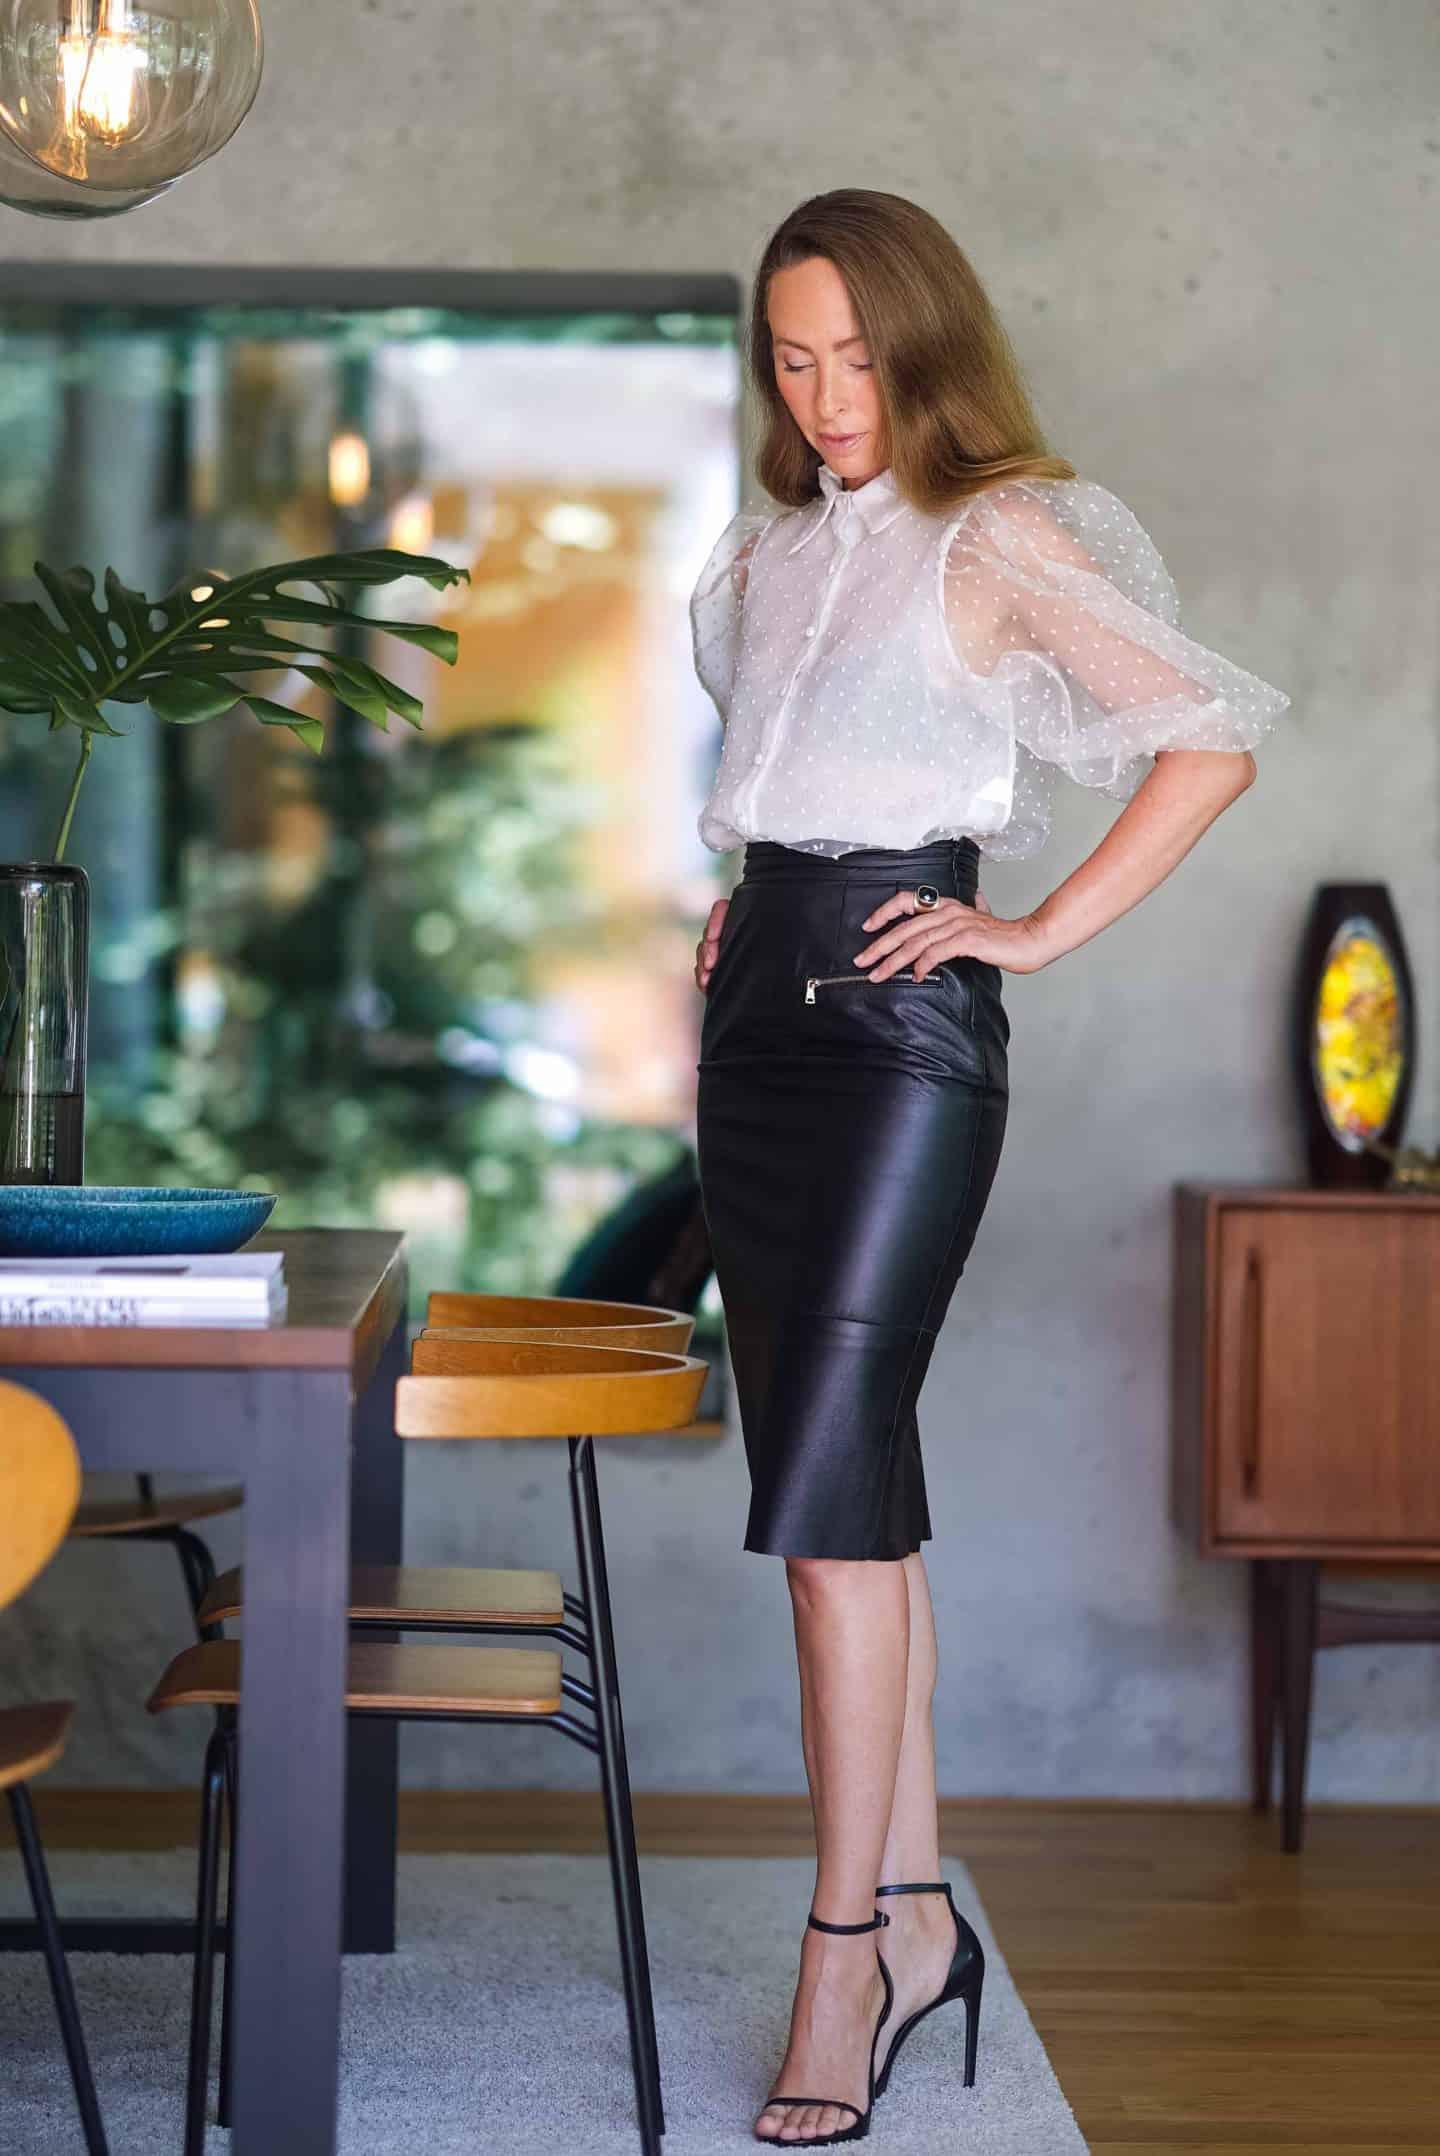 Bloggerin Nicki Nowicki